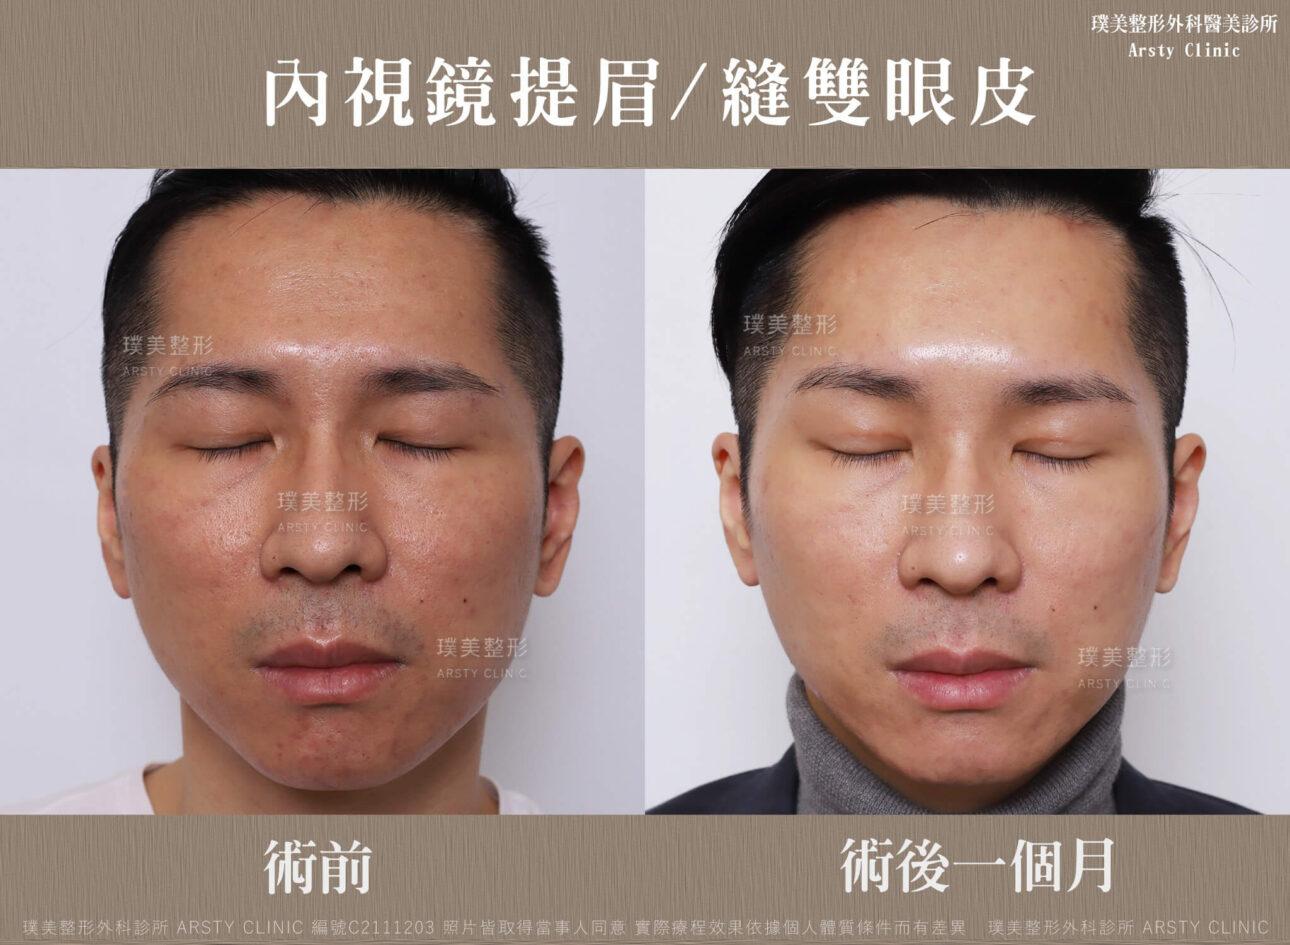 內視鏡提眉 縫雙眼皮 C211203BA03 2 3